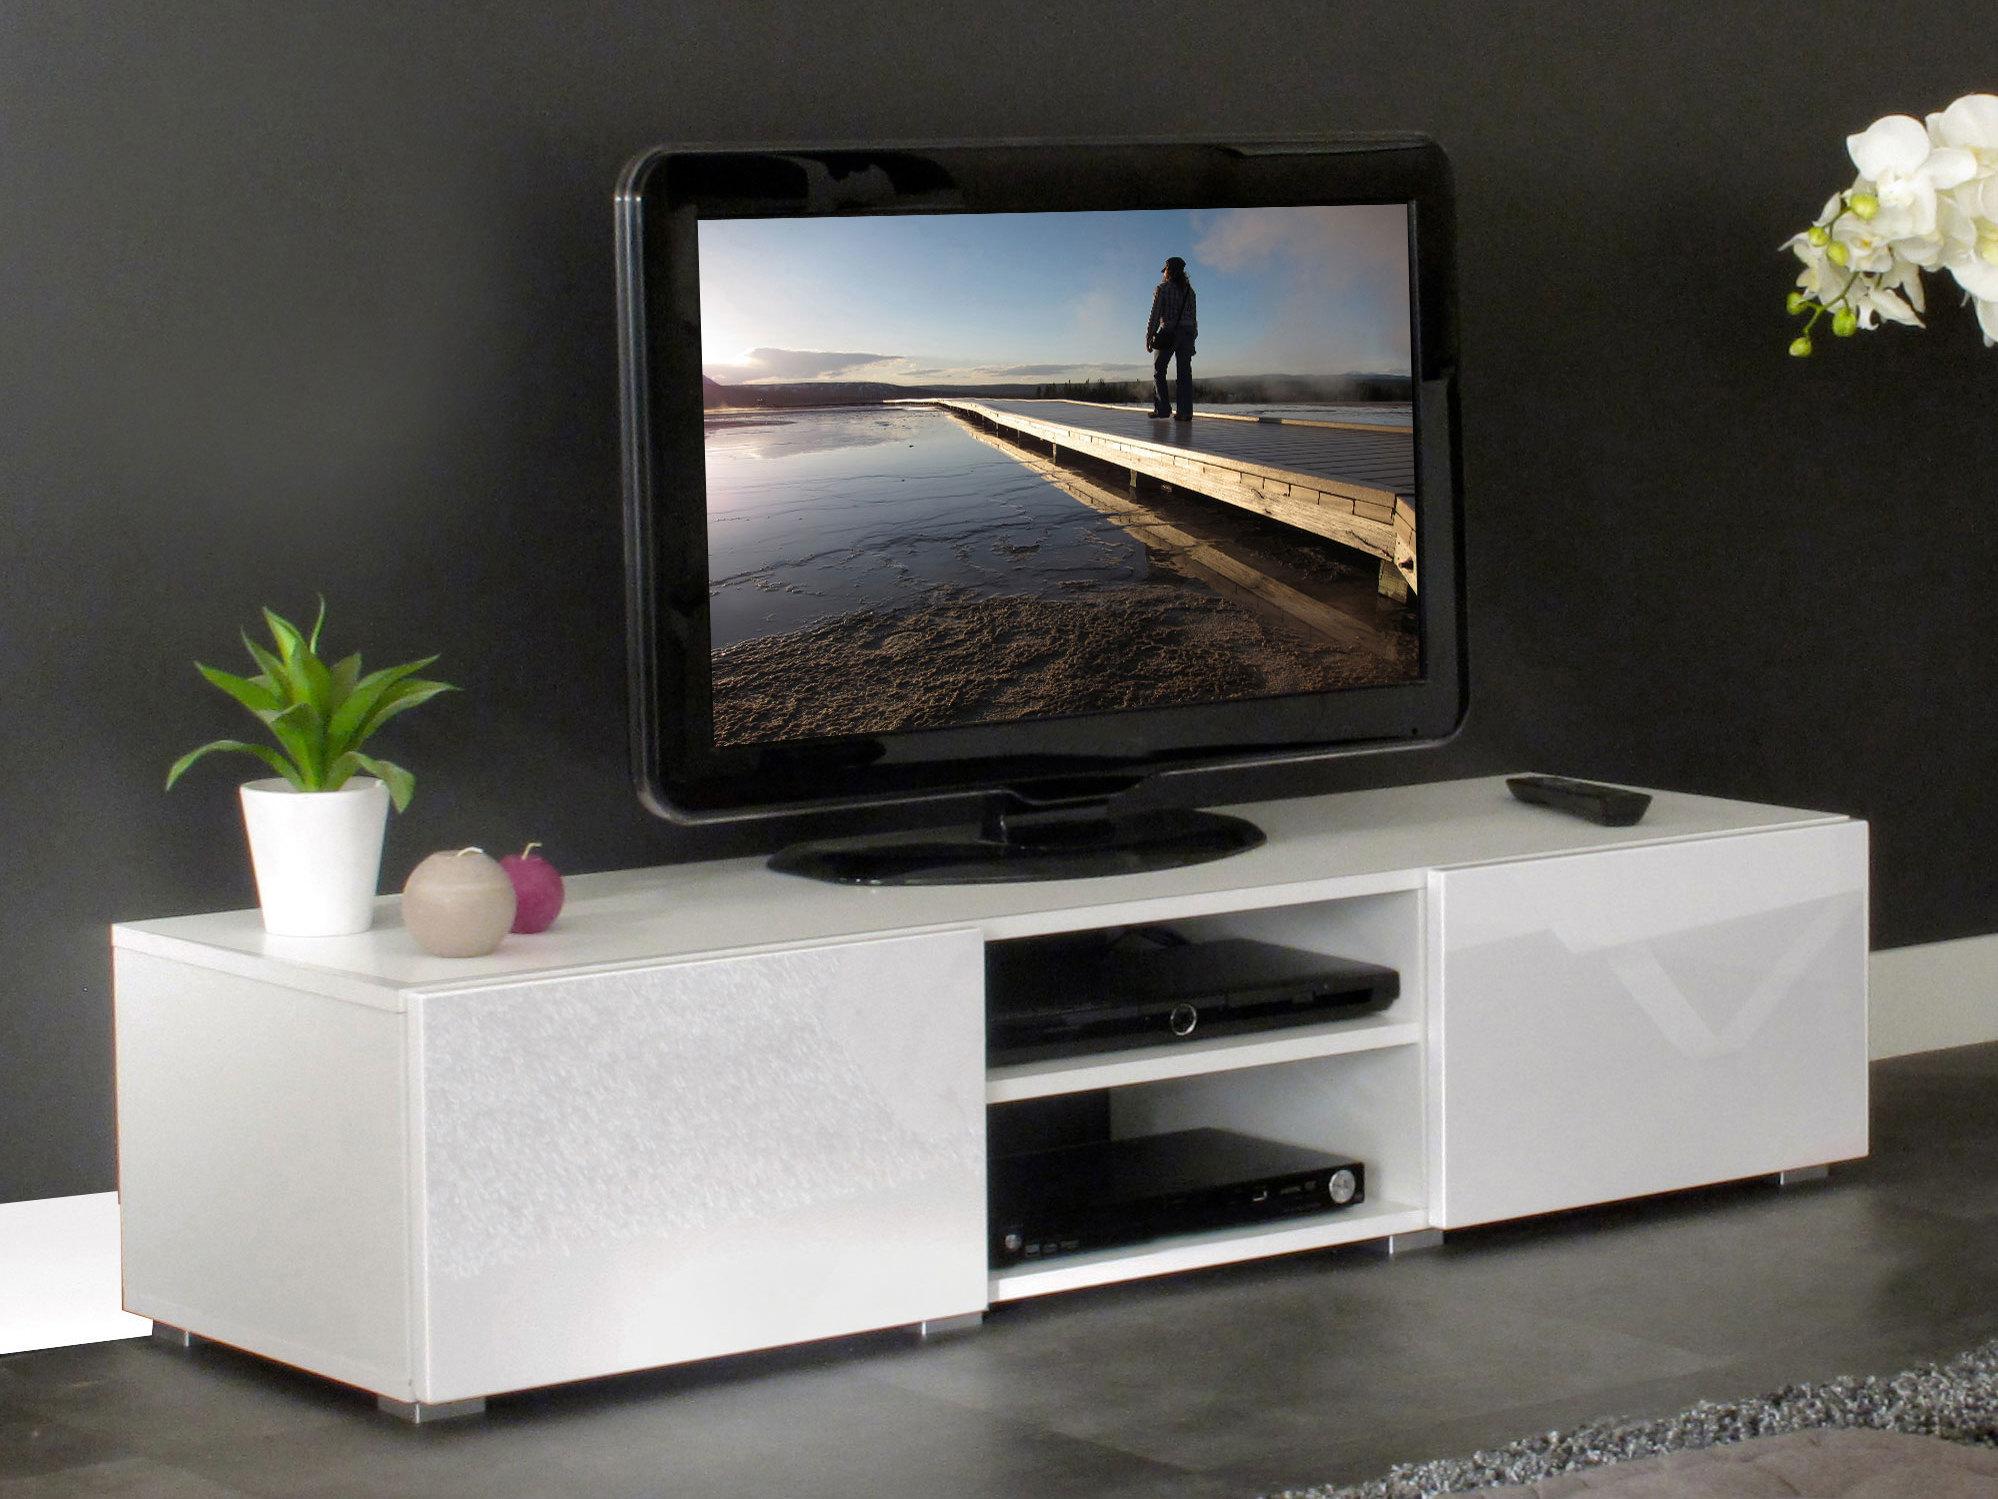 Meuble Tv 2 Niches Maison Et Mobilier D Int Rieur # Meuble Tv Avec Niche